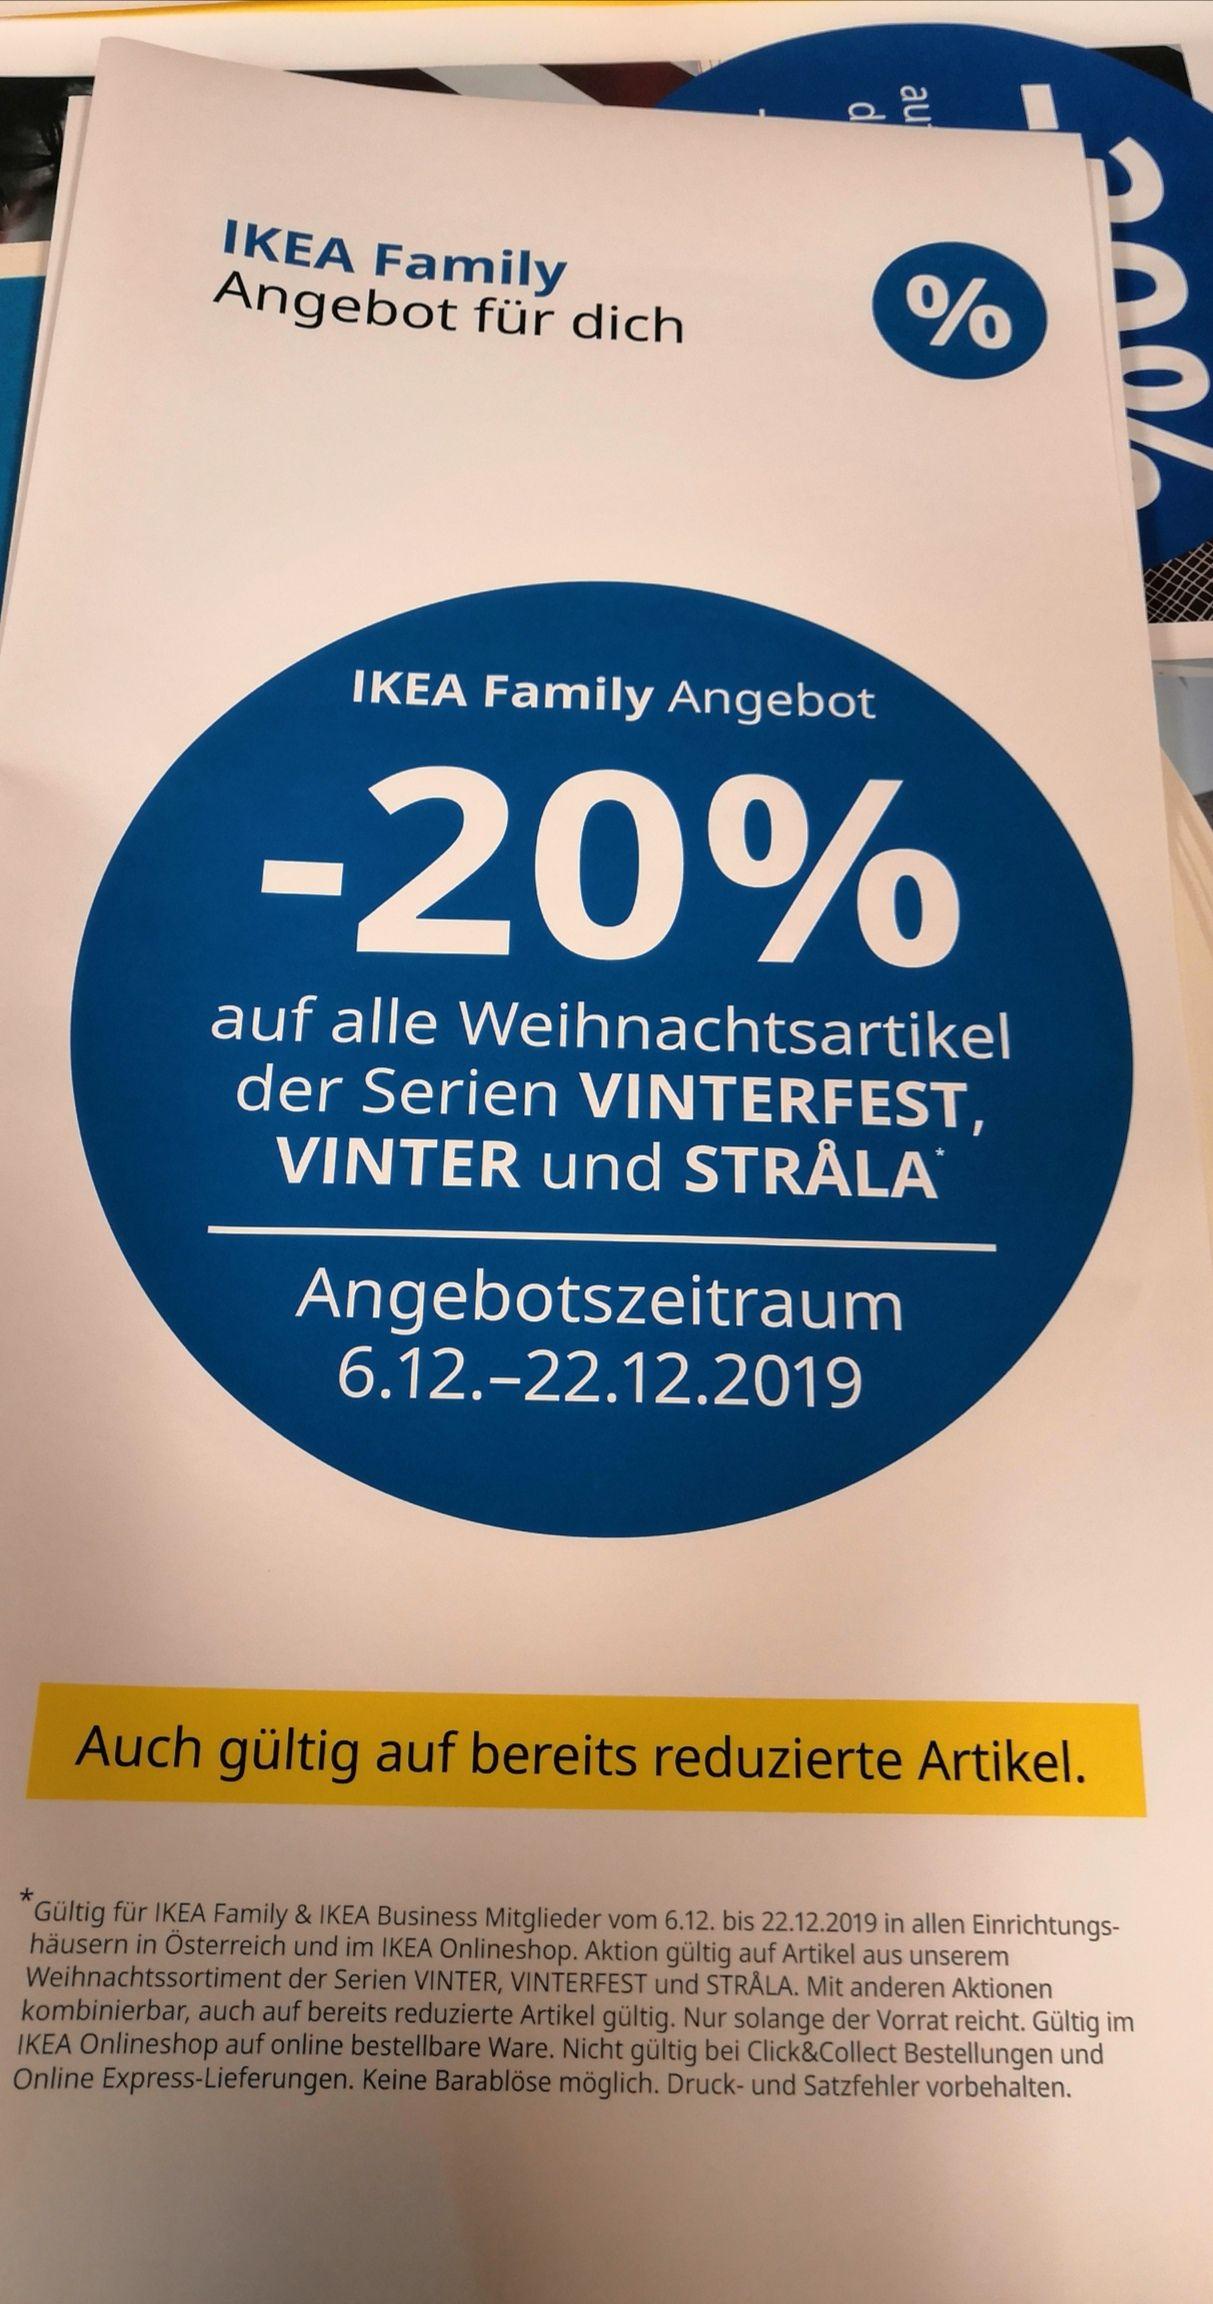 IKEA 20% aufs Weihnachtssortiment